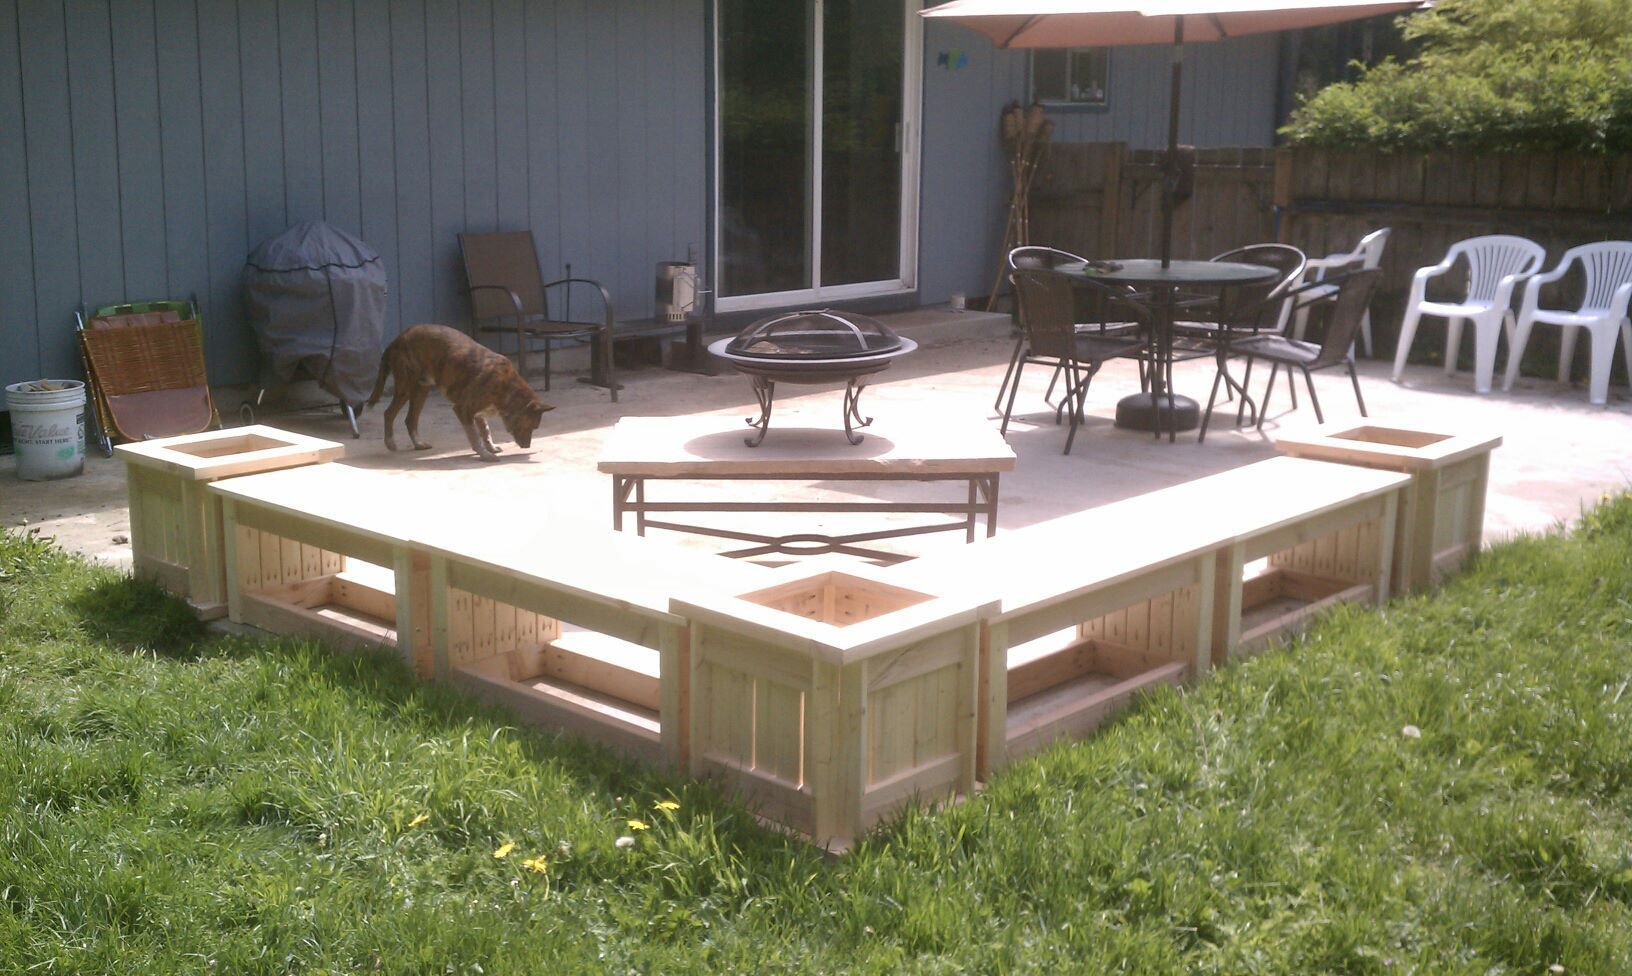 Delightful Patio Bench Ideas Part - 4: Decoration: Decorating Deck Bench Fabulous Patio Bench Plans Diy Porch Jack  Sander Deck Newest Decorating